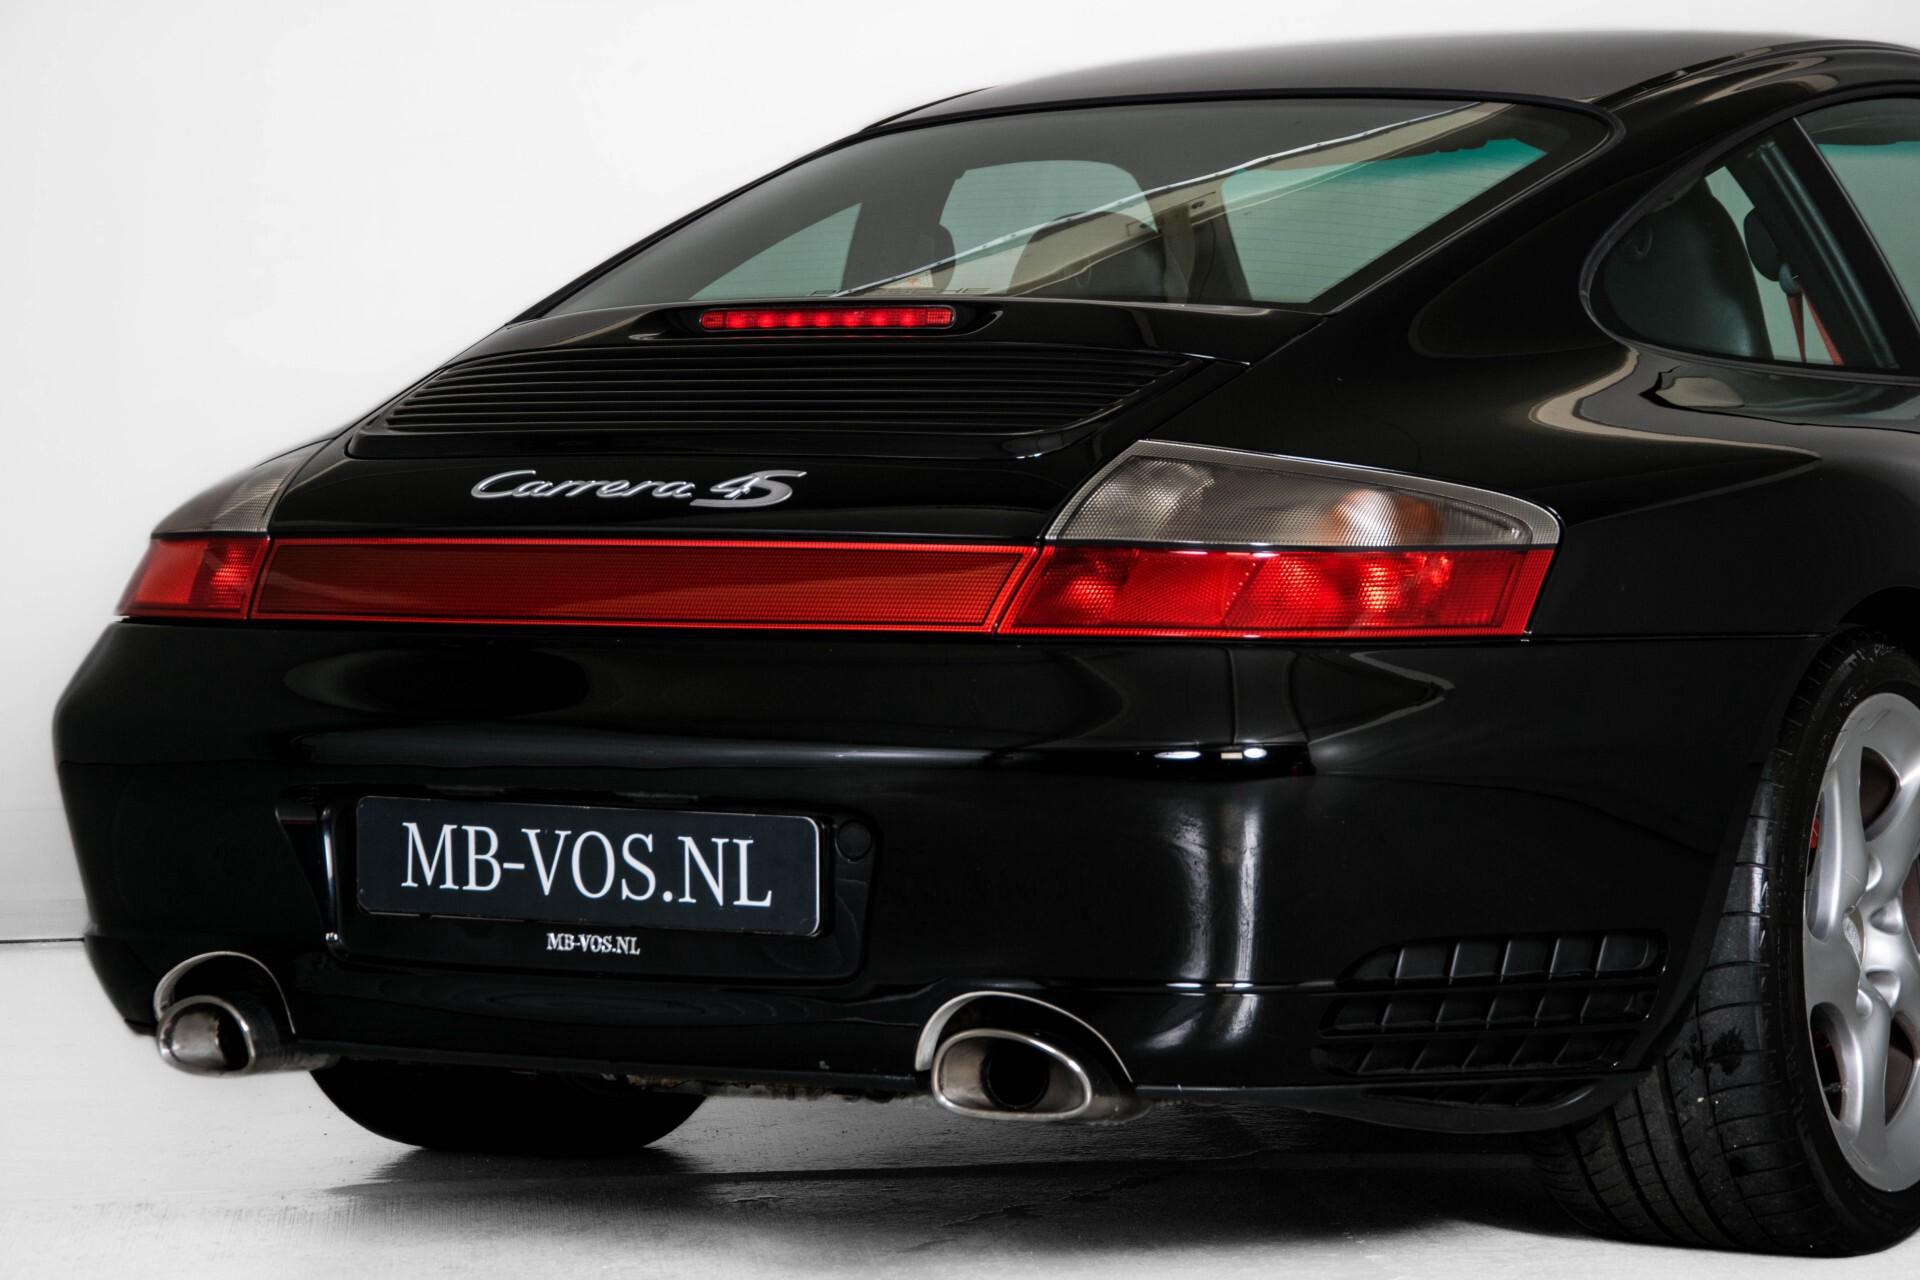 Porsche 911 3.6 Coupé Carrera 4S Origineel NL/NAP Aut6 Foto 31